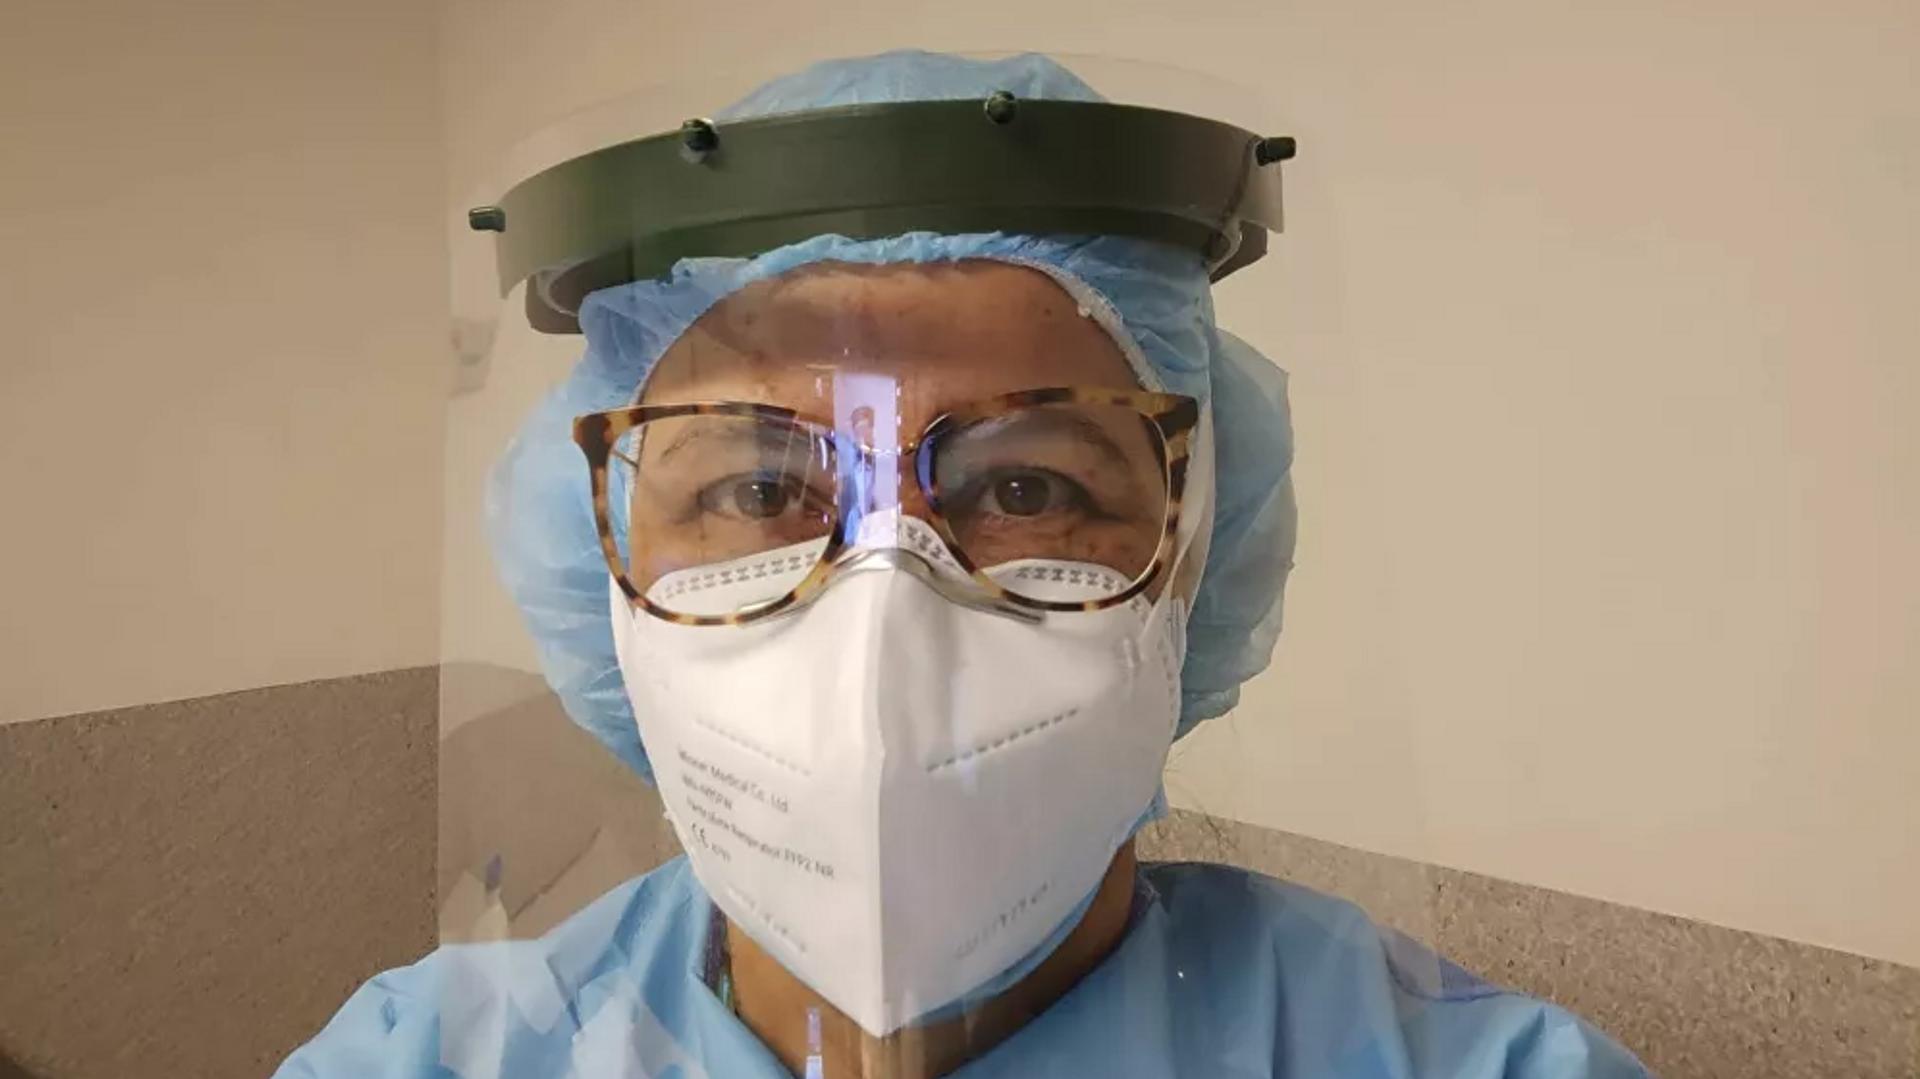 La doctora Nair Amaral, originaria del estado brasileño de Río Grande del Sur, trabaja en Portugal - Sputnik Mundo, 1920, 28.04.2021